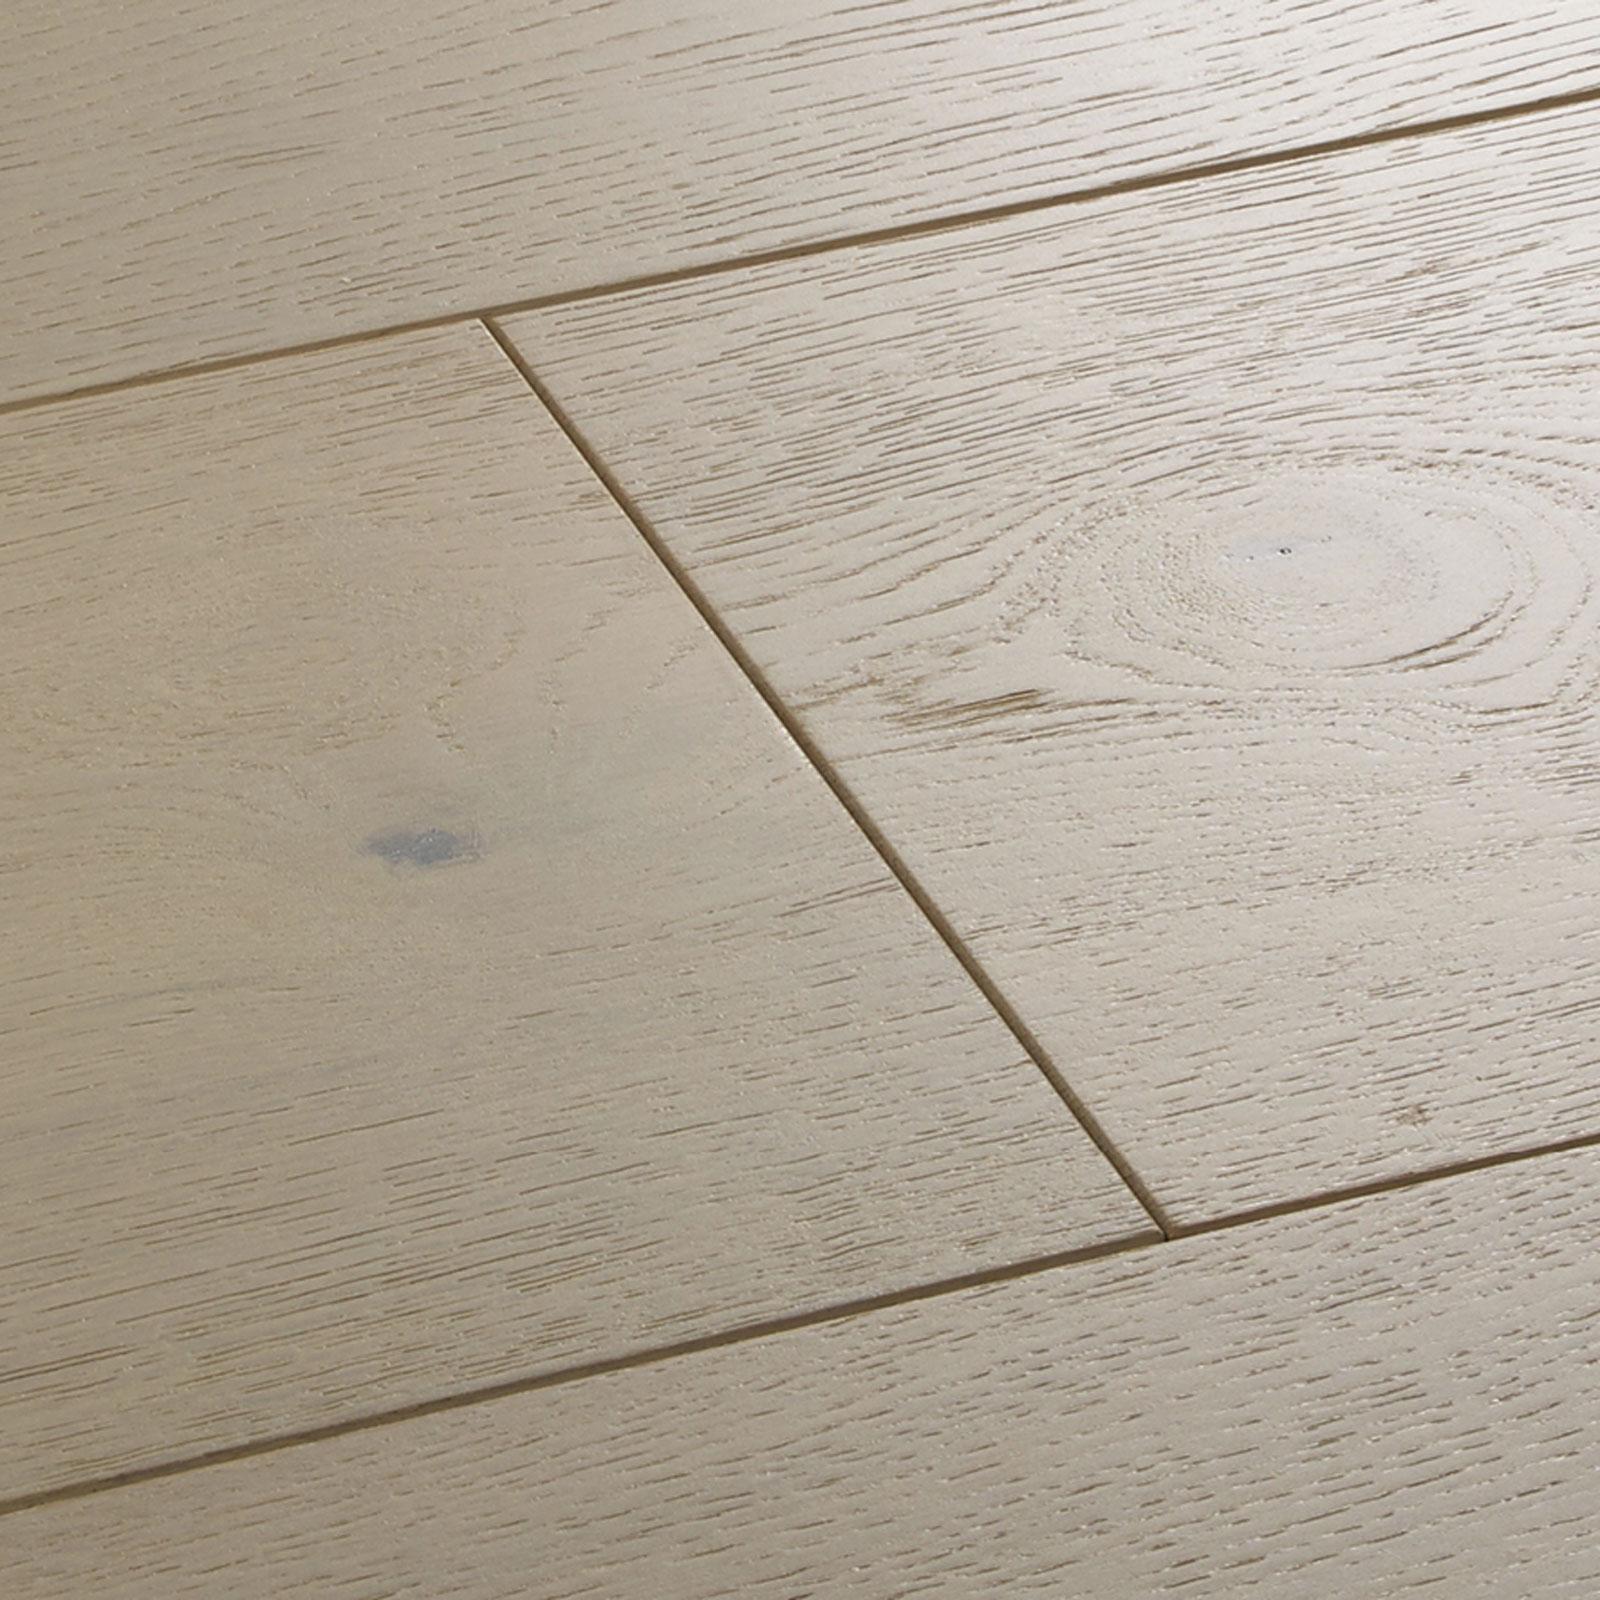 swatch-cropped-salcombe-sandy-oak-1600